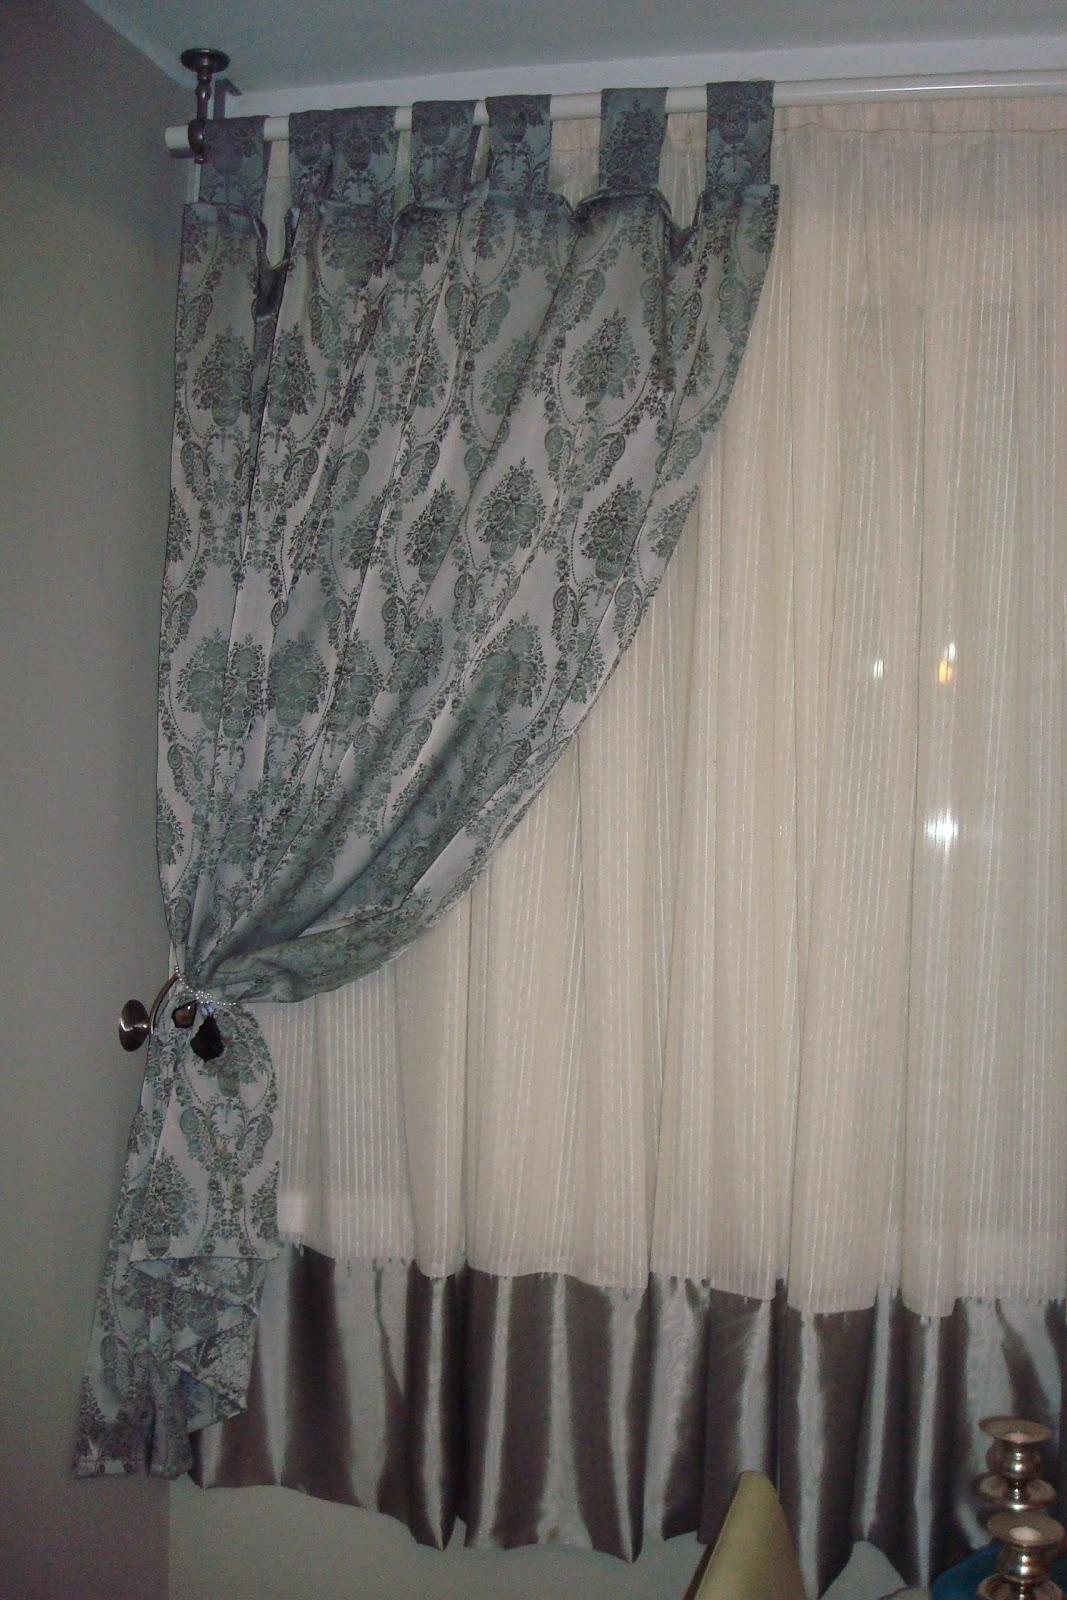 Lupe salamanca coordinados textiles plata - Cortinas gris plata ...